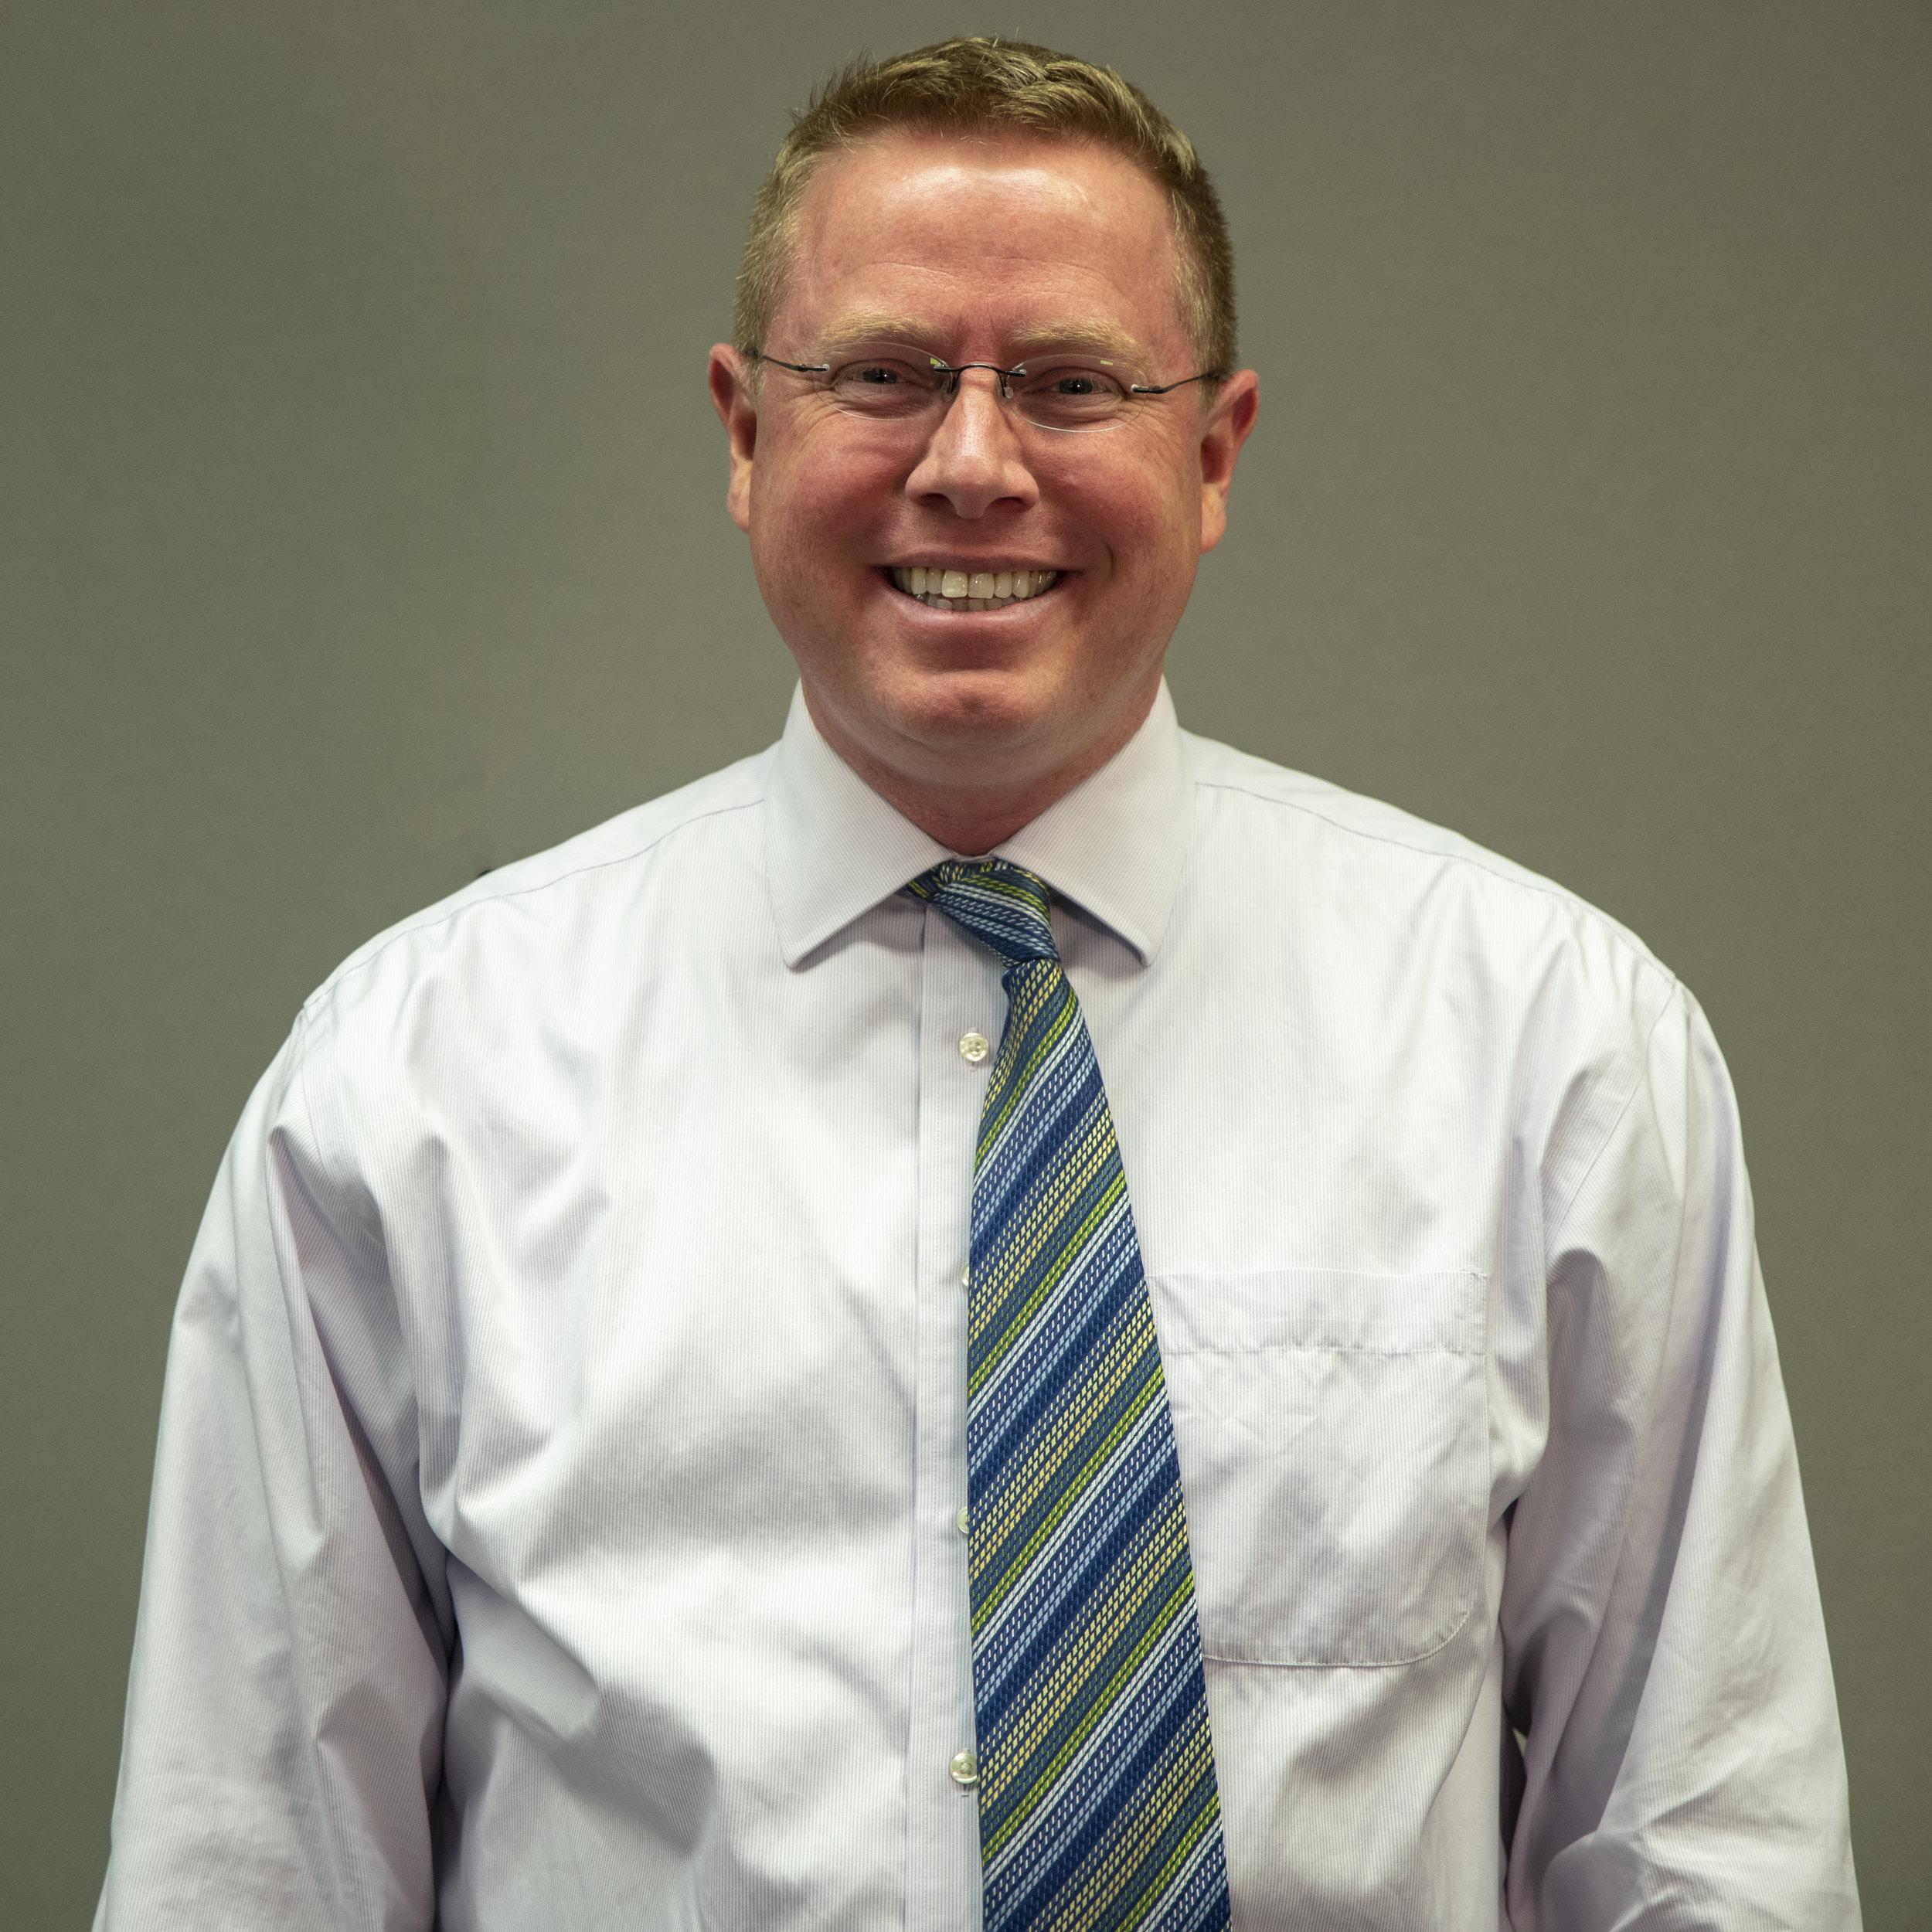 Jeff Rundhaug - Social Studies Instructorjrundhaug@chayvs.org